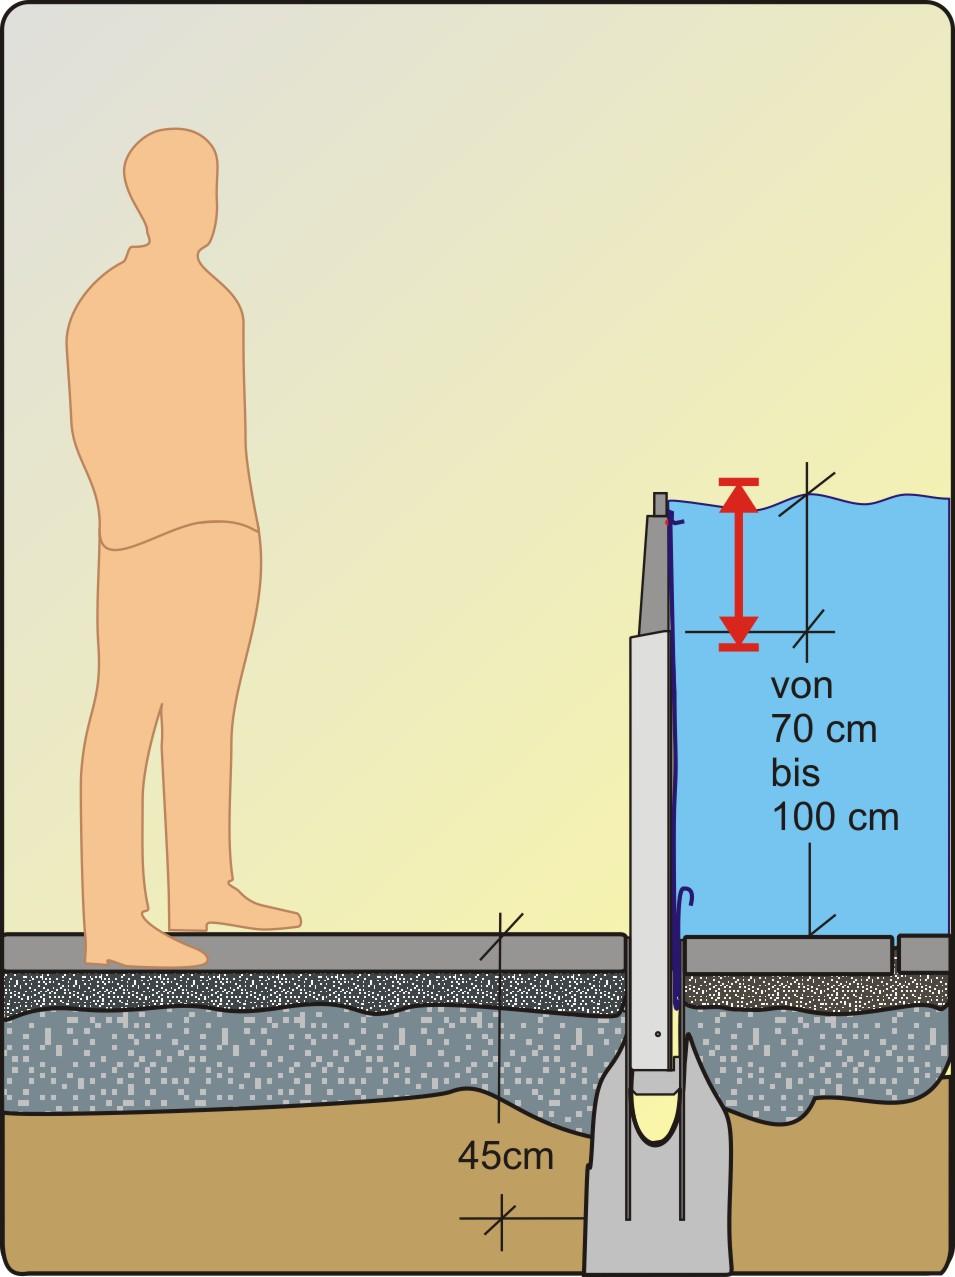 Die AquaWand70-100L Hochwasserschutzbarrieren